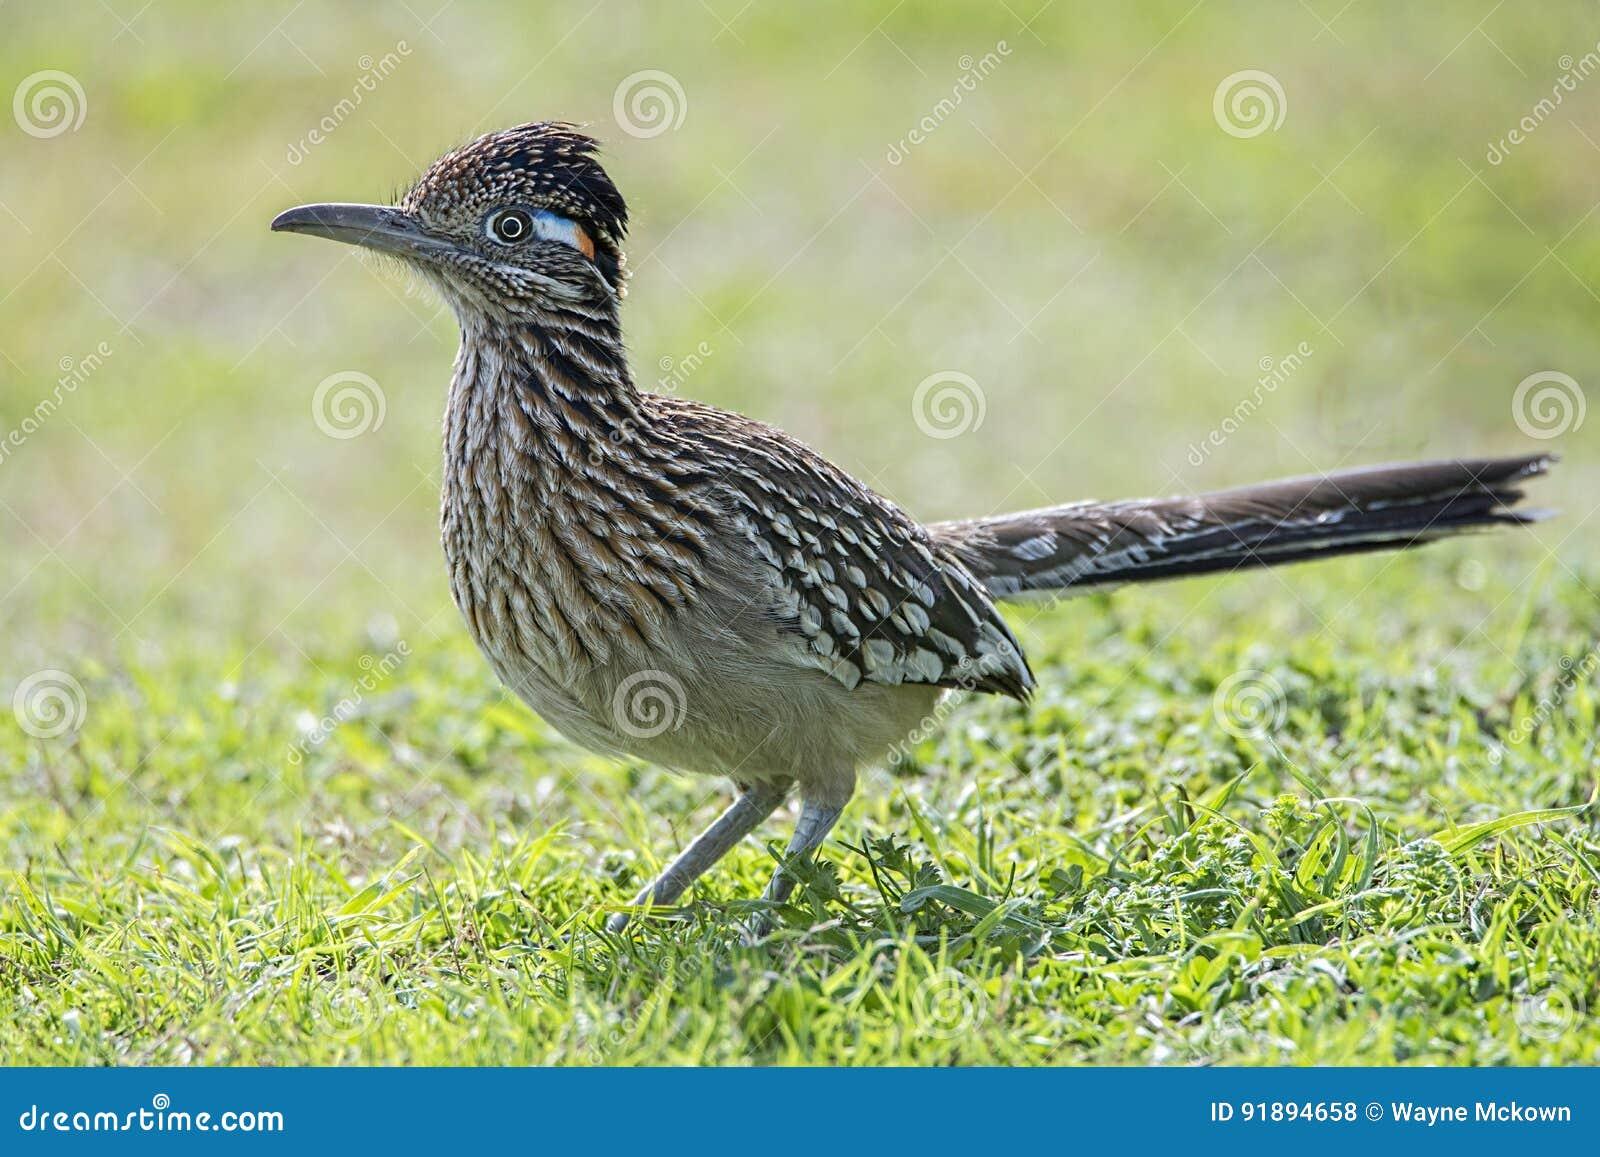 Alimento da caça do pássaro do Roadrunner no campo gramíneo, bico, penas, asa,